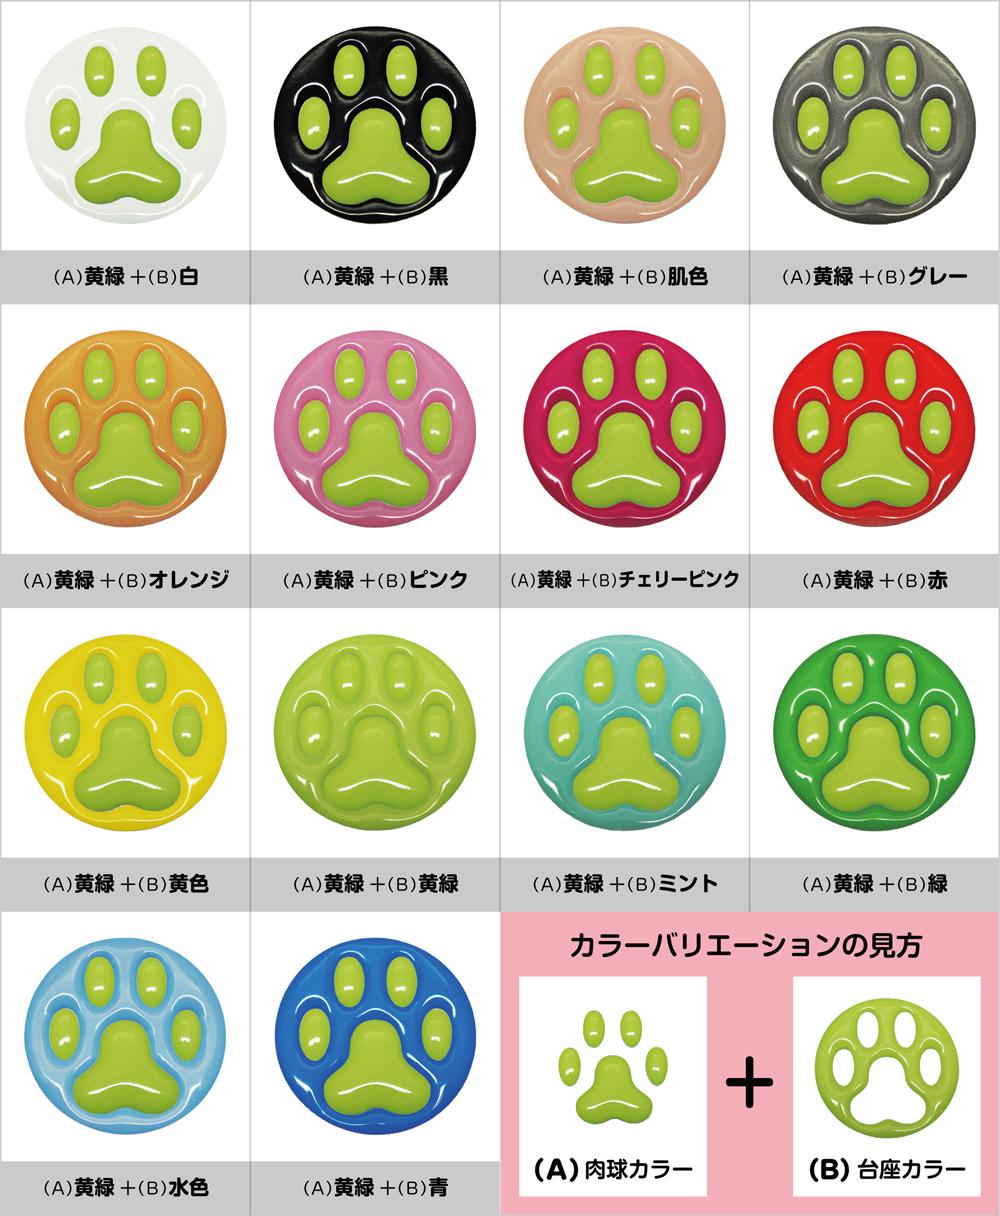 ぷっくり肉球シール 黄緑色タイプ 14種